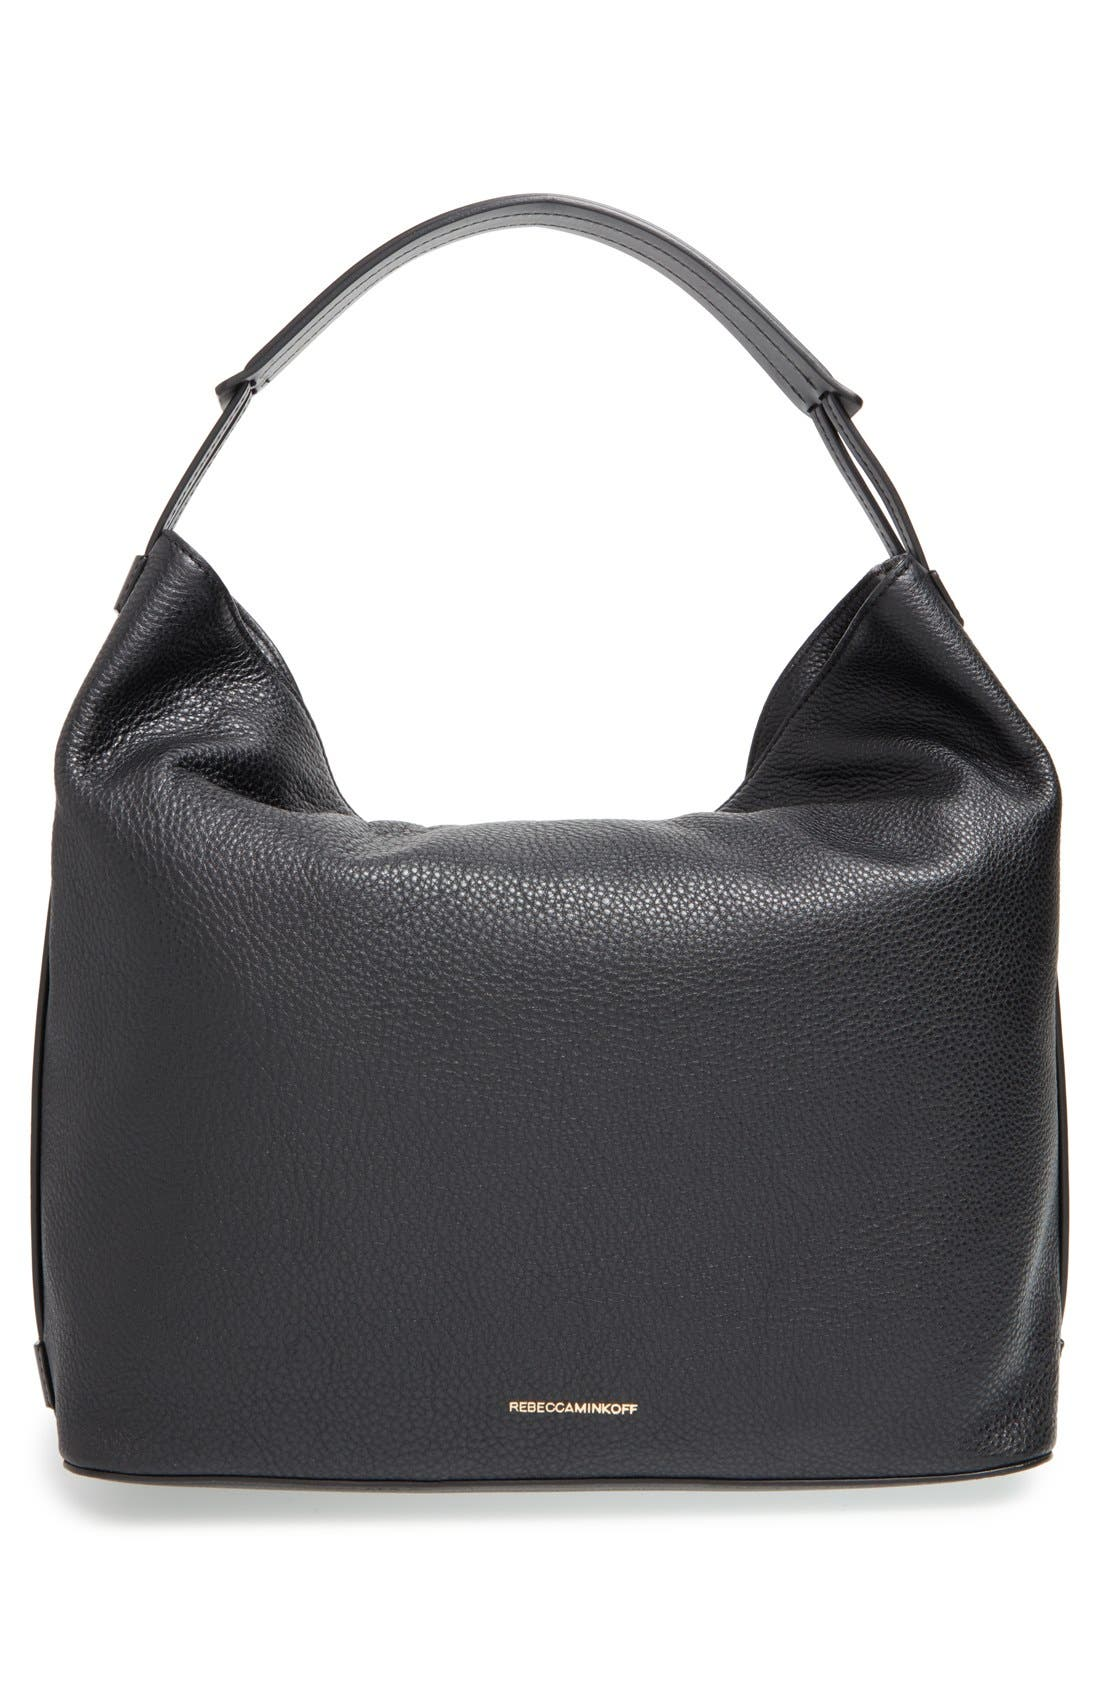 REBECCA MINKOFF, 'Isobel' Tassel Leather Hobo, Alternate thumbnail 3, color, 001